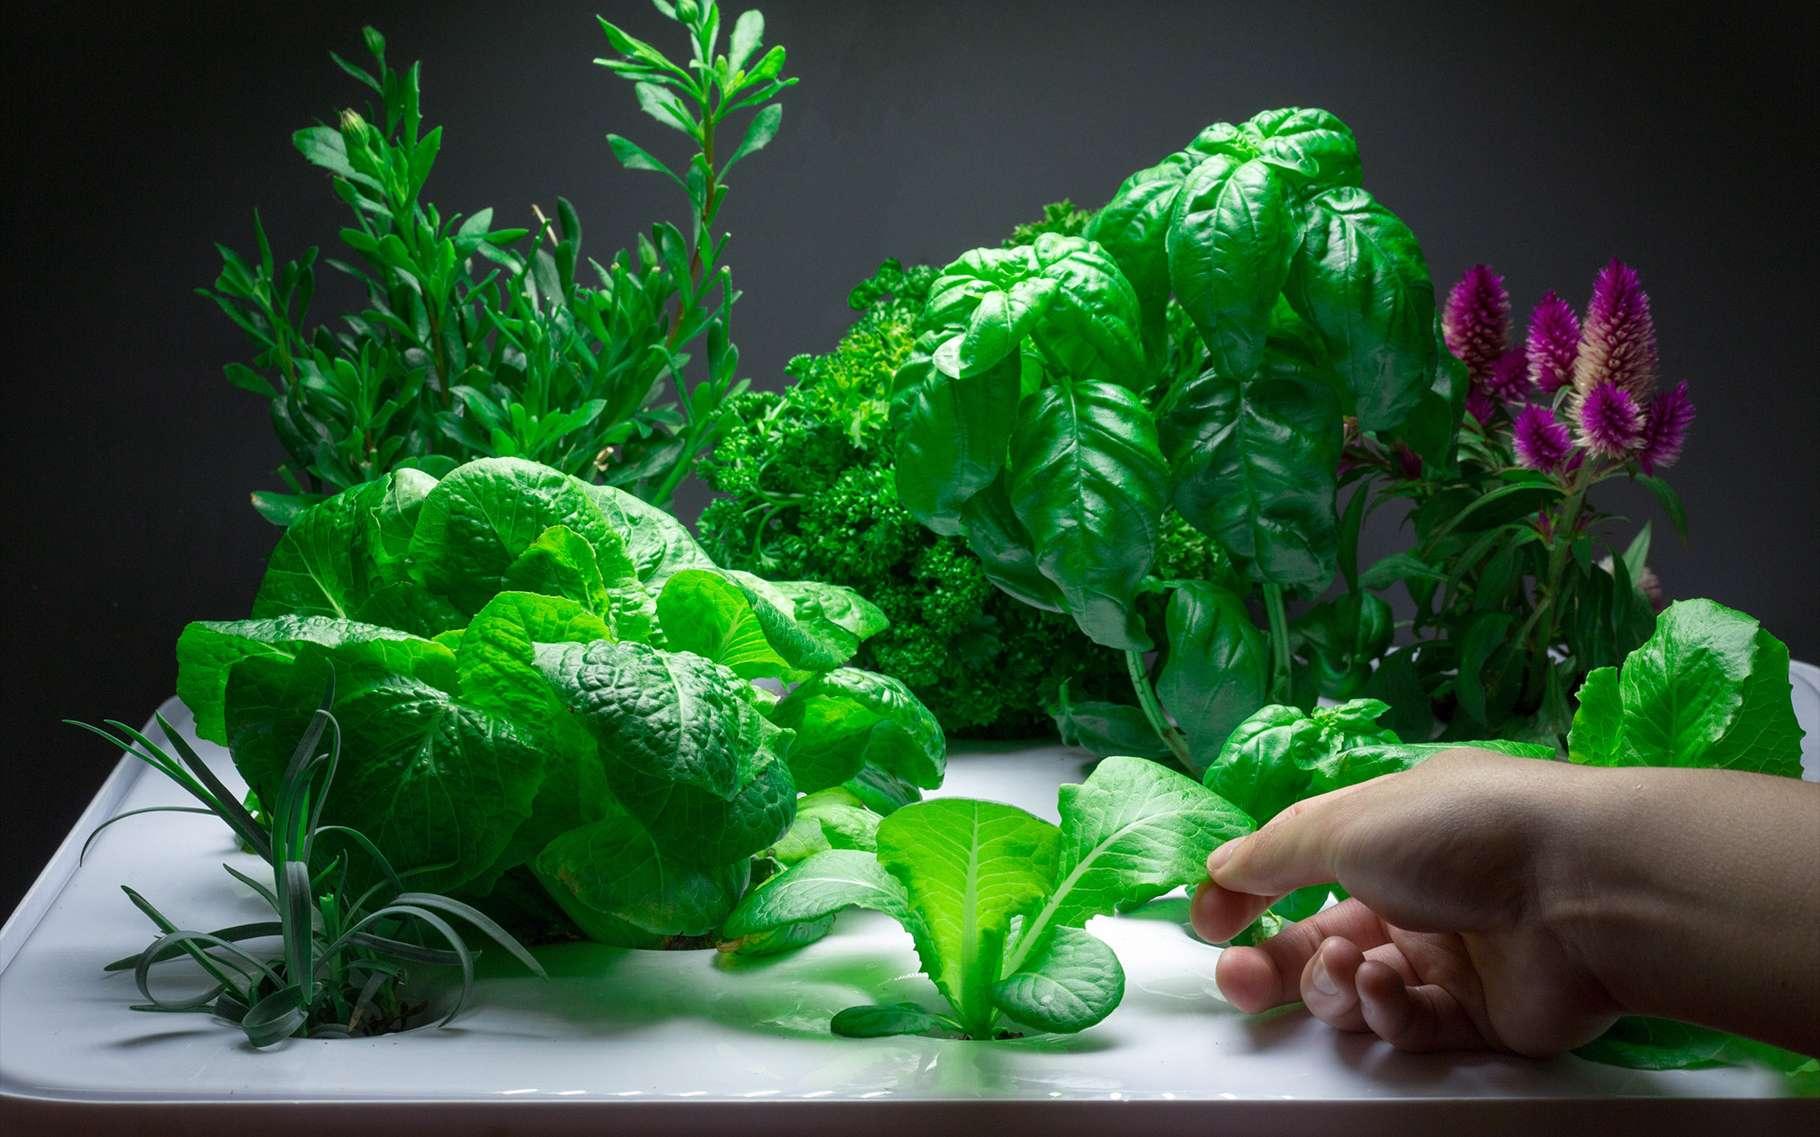 Nourrir un équipage humain lors d'un long séjour dans l'espace impose de mettre au point des pratiques nouvelles, comme la culture de végétaux. © Vegidair